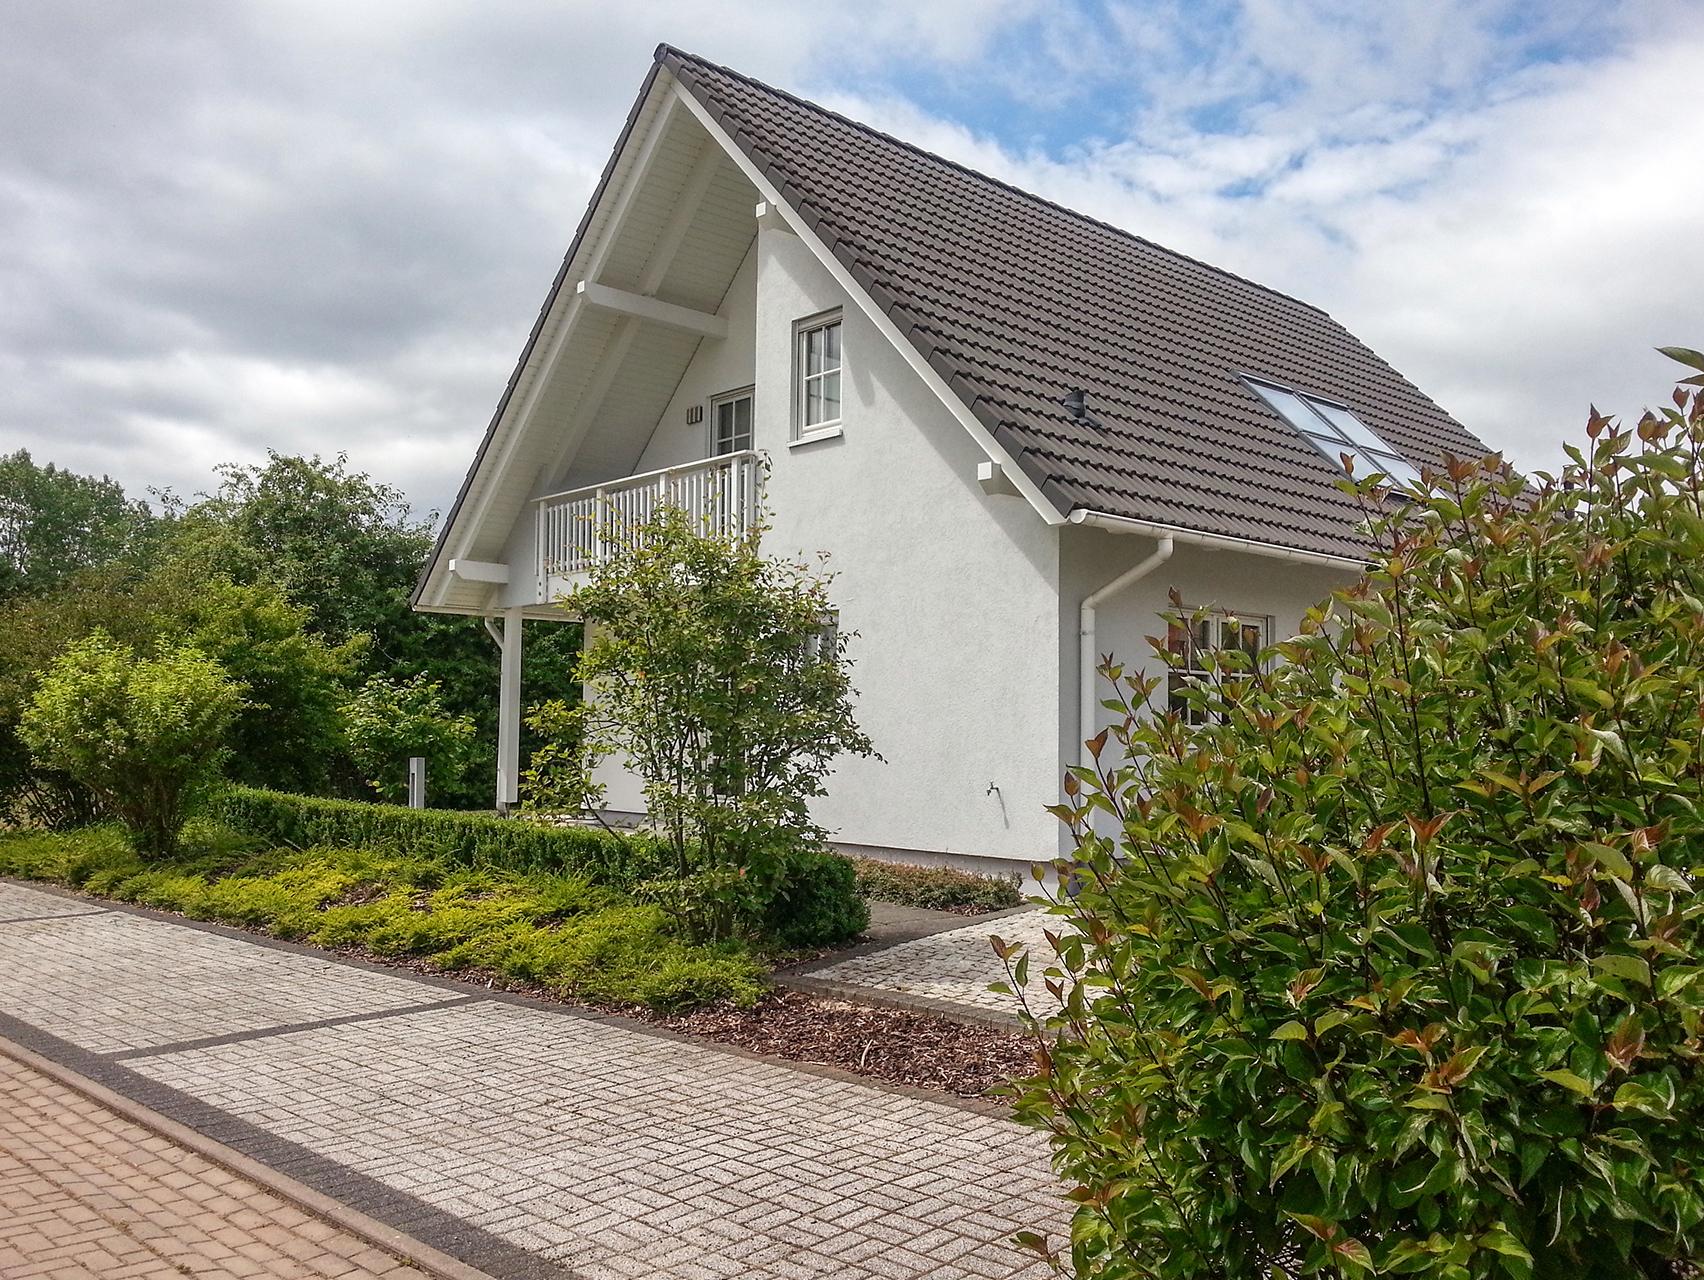 Einfamilienhaus satteldach zwerchgiebel  planungsvorschlag_Satteldach-und-zuru__ckgesetztem-Balkon_F92-104_43_9sp_1704x1280.jpg